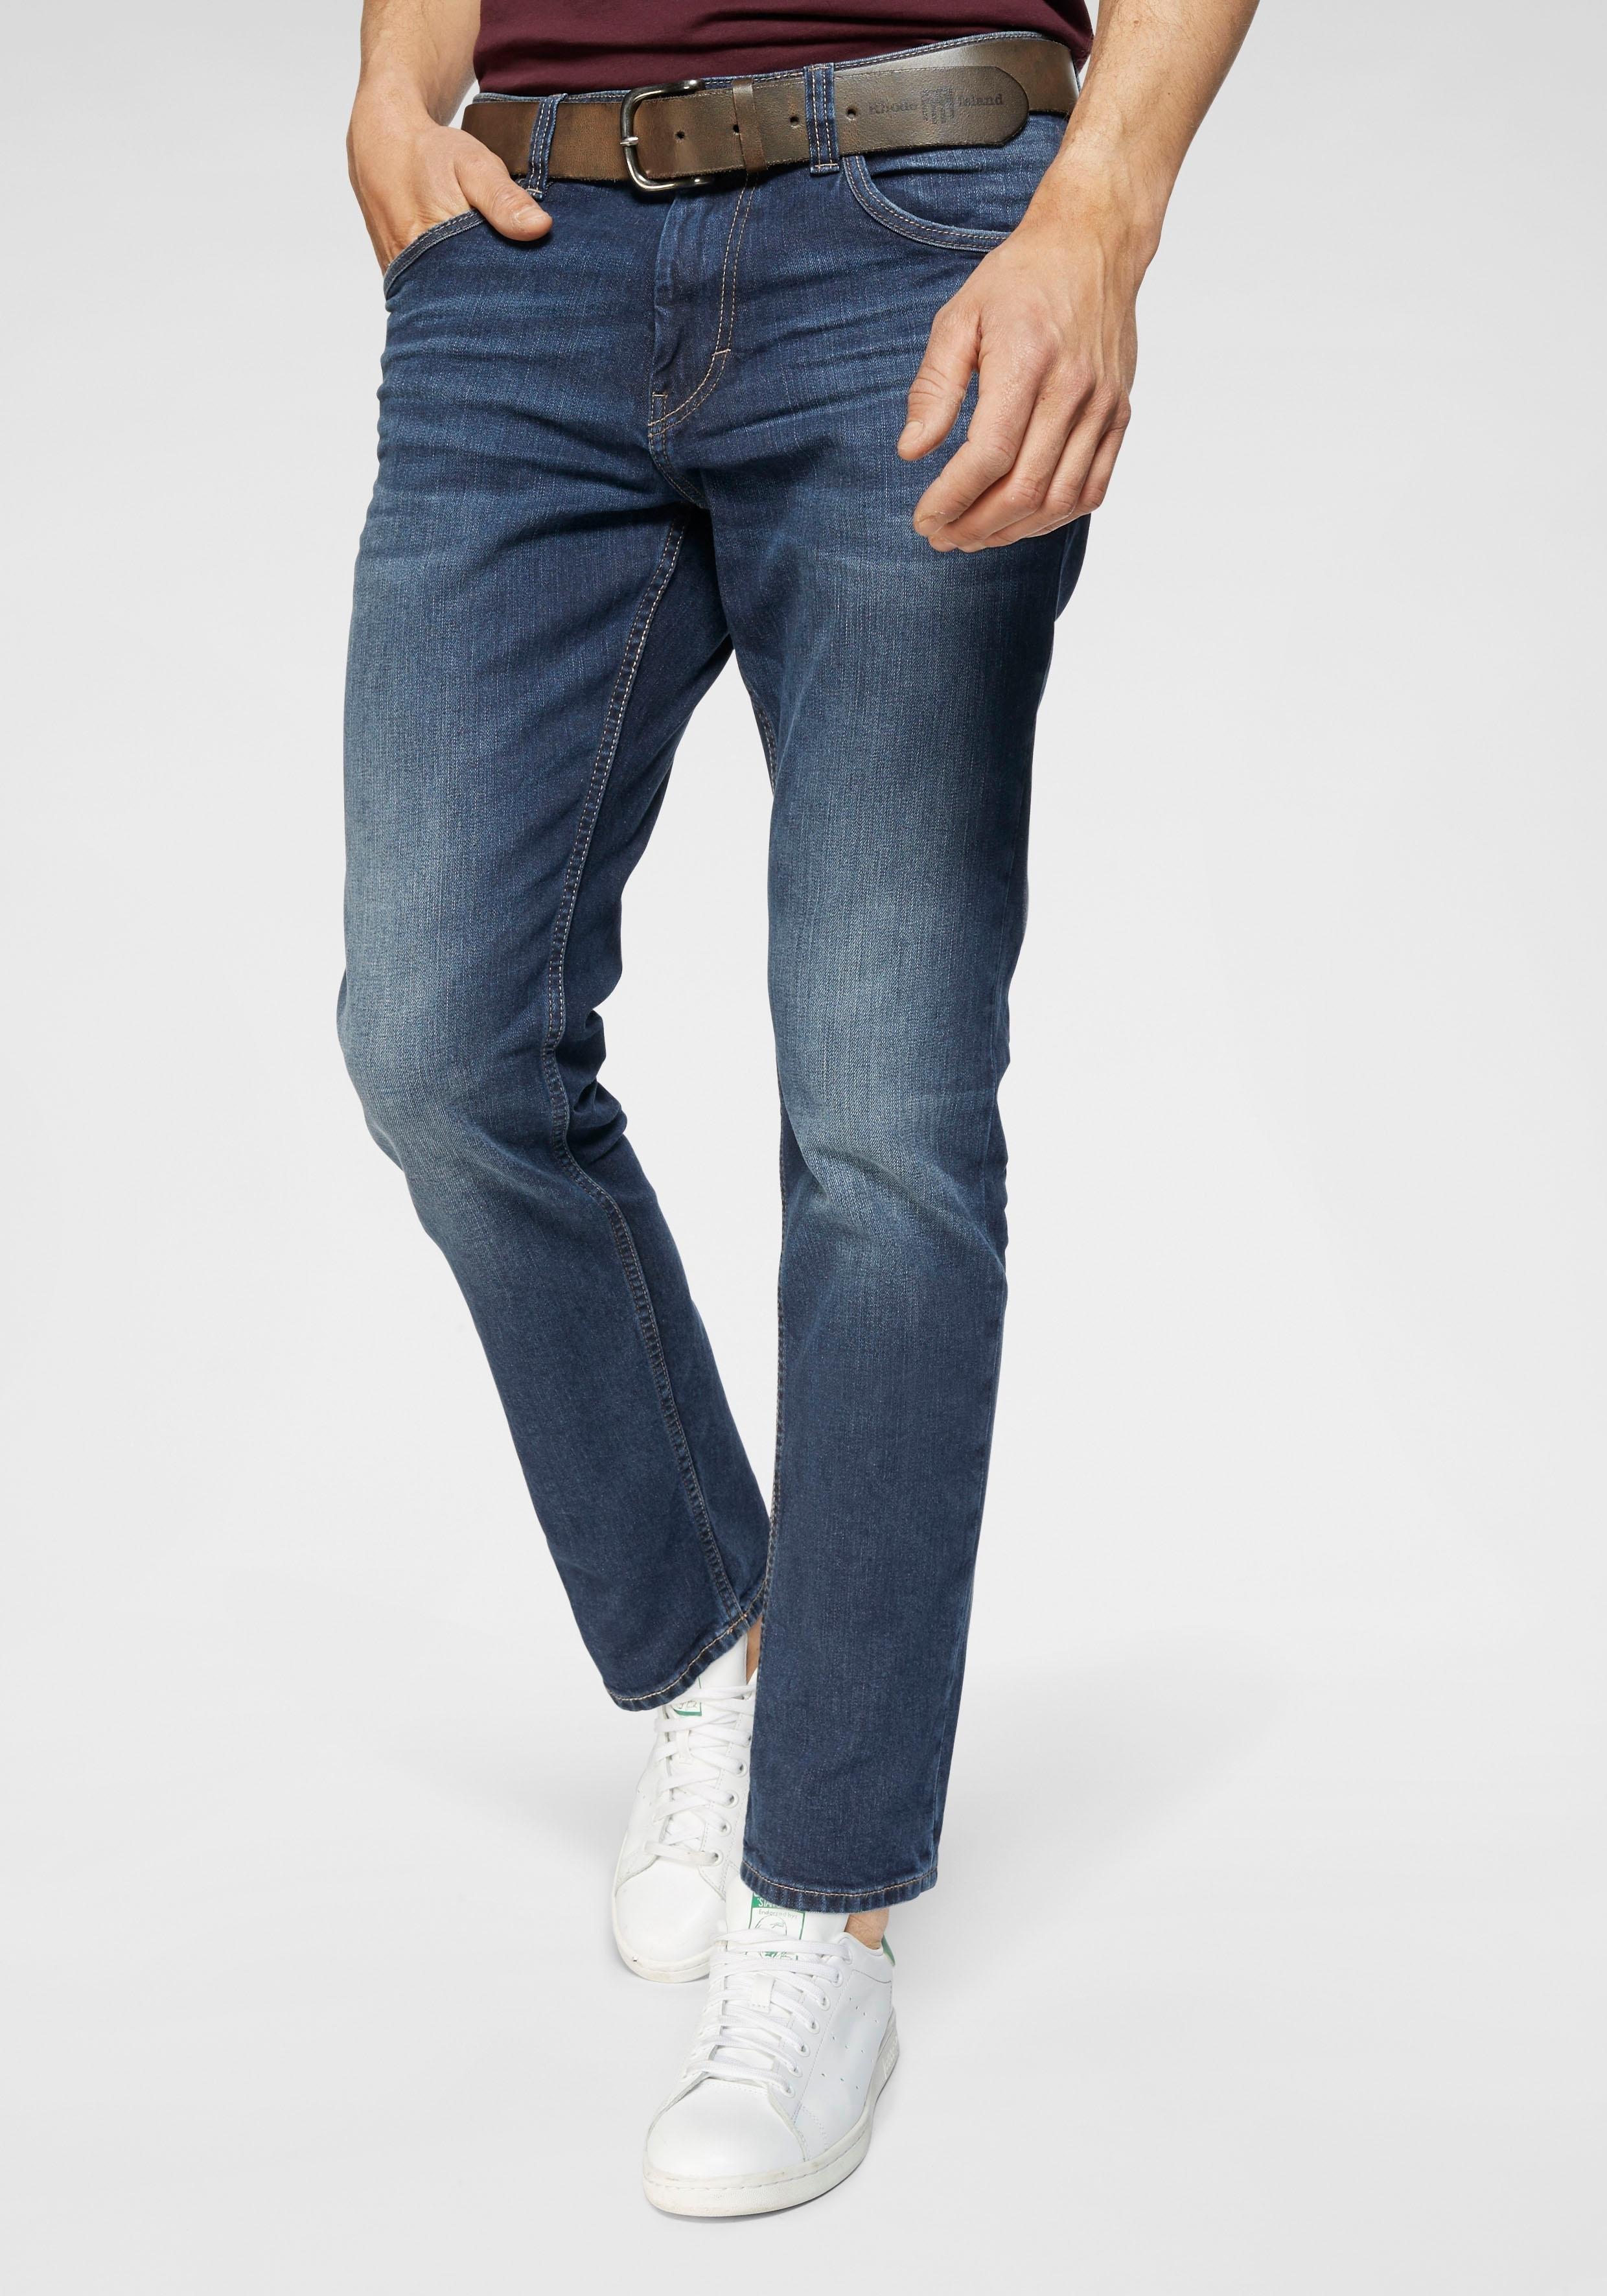 Op zoek naar een TOM TAILOR 5-pocket jeans »Josh«? Koop online bij OTTO